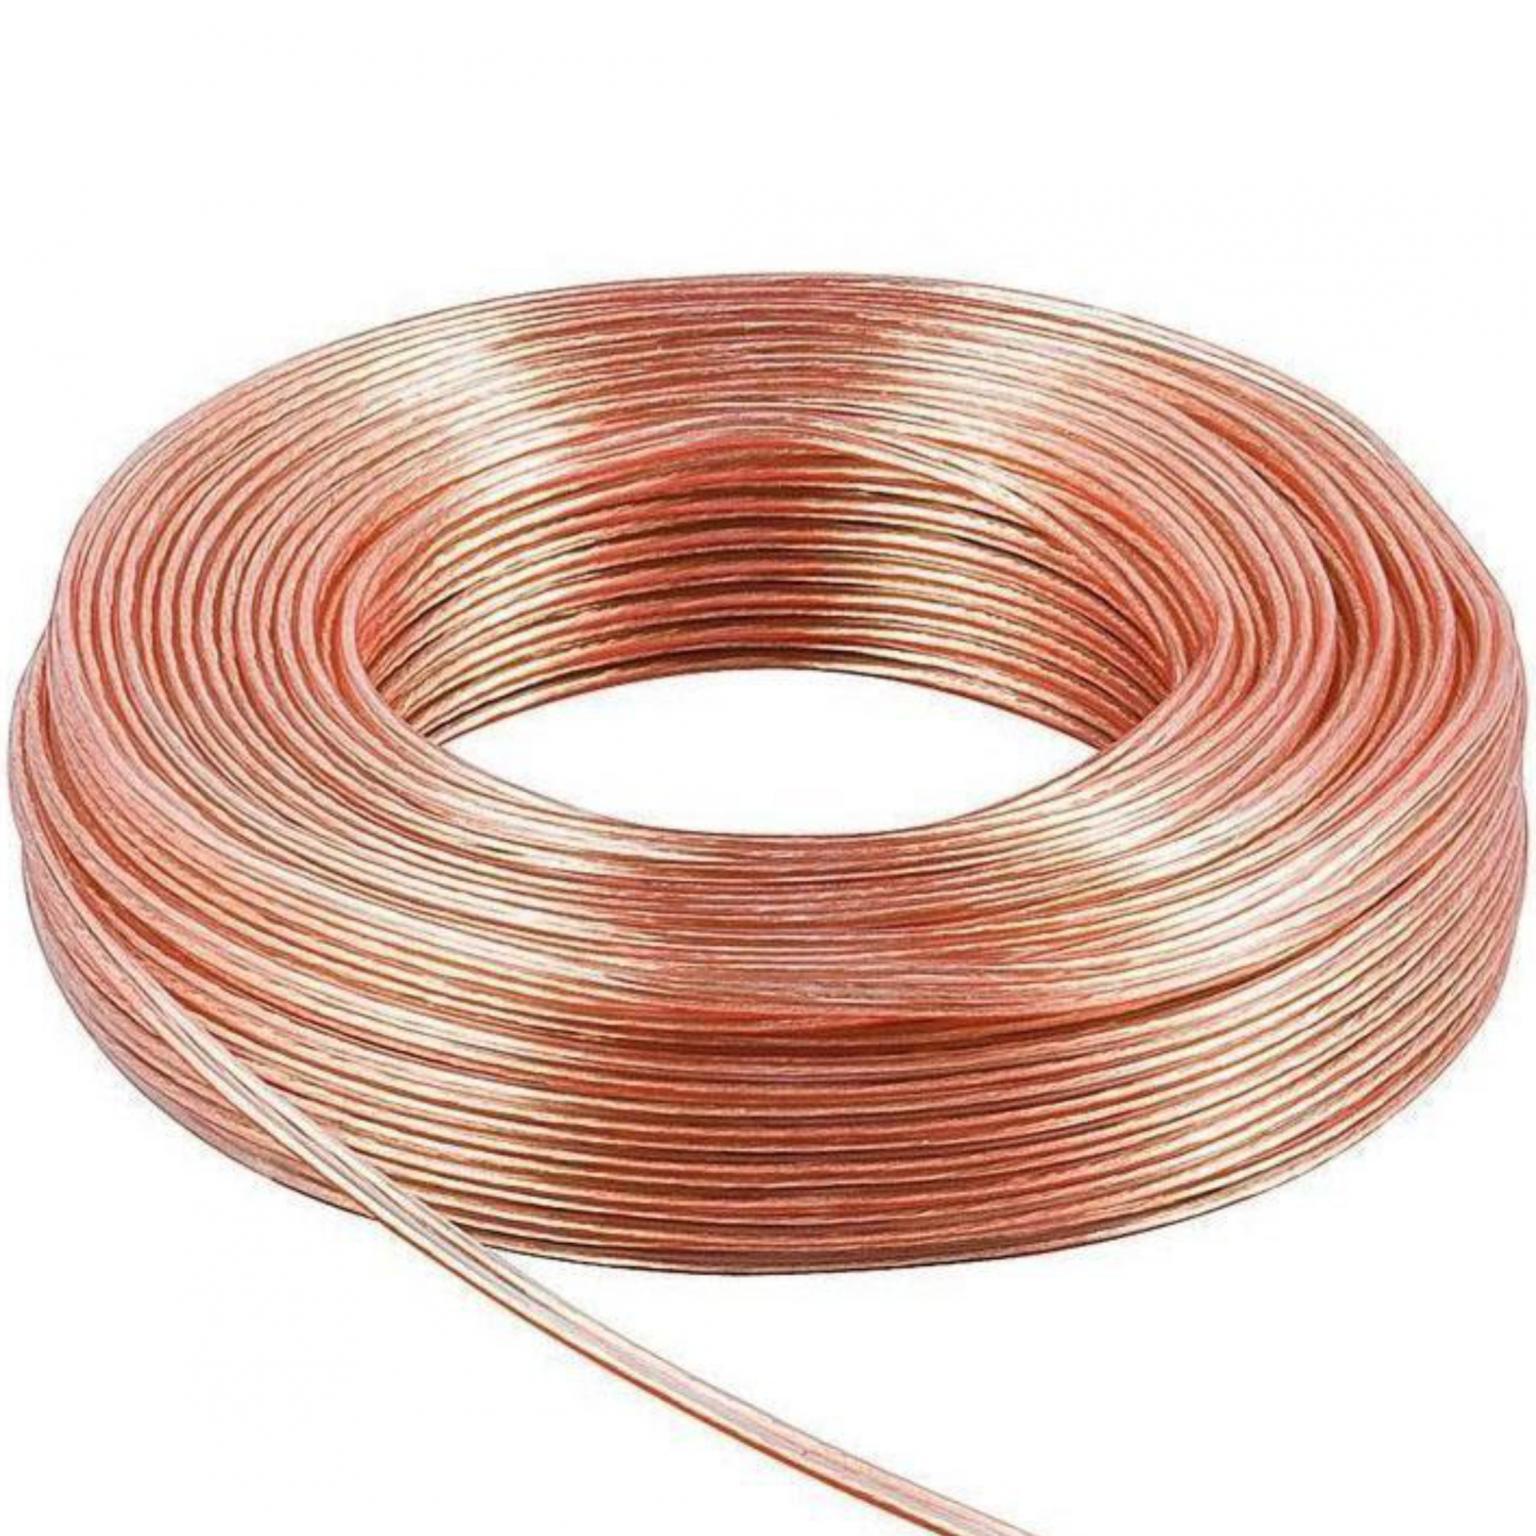 Luidspreker Kabel - 0.50mm Haspel 50 meter